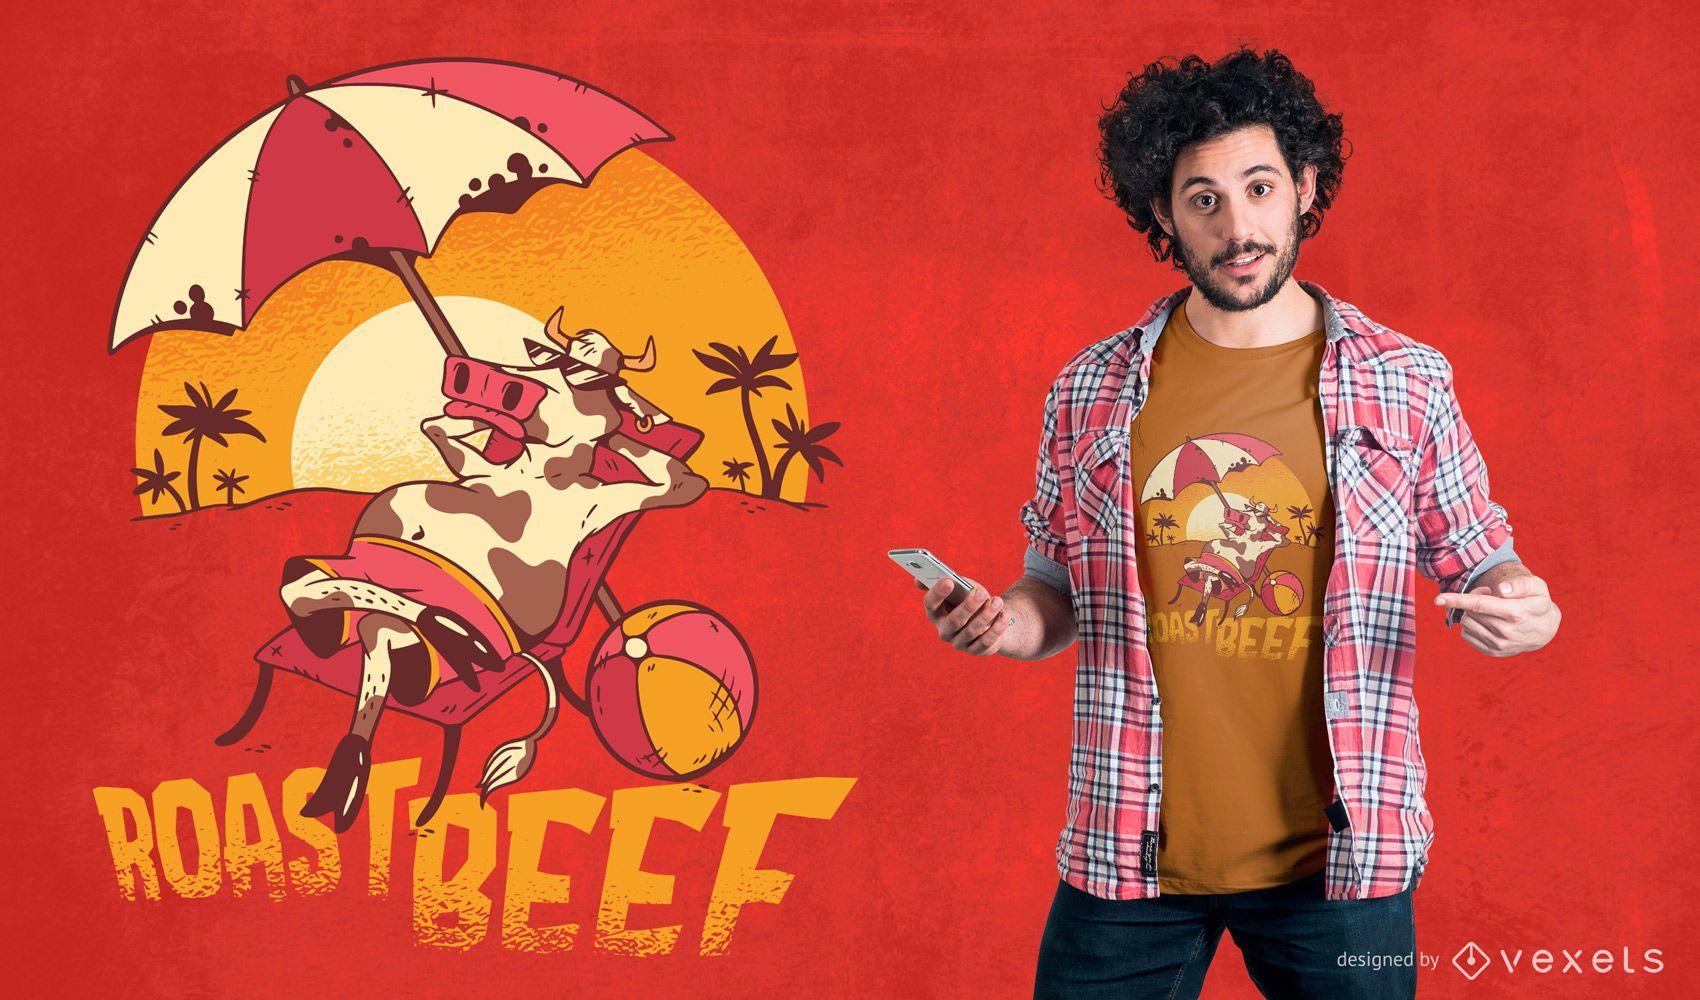 Roast Beef T-shirt Design